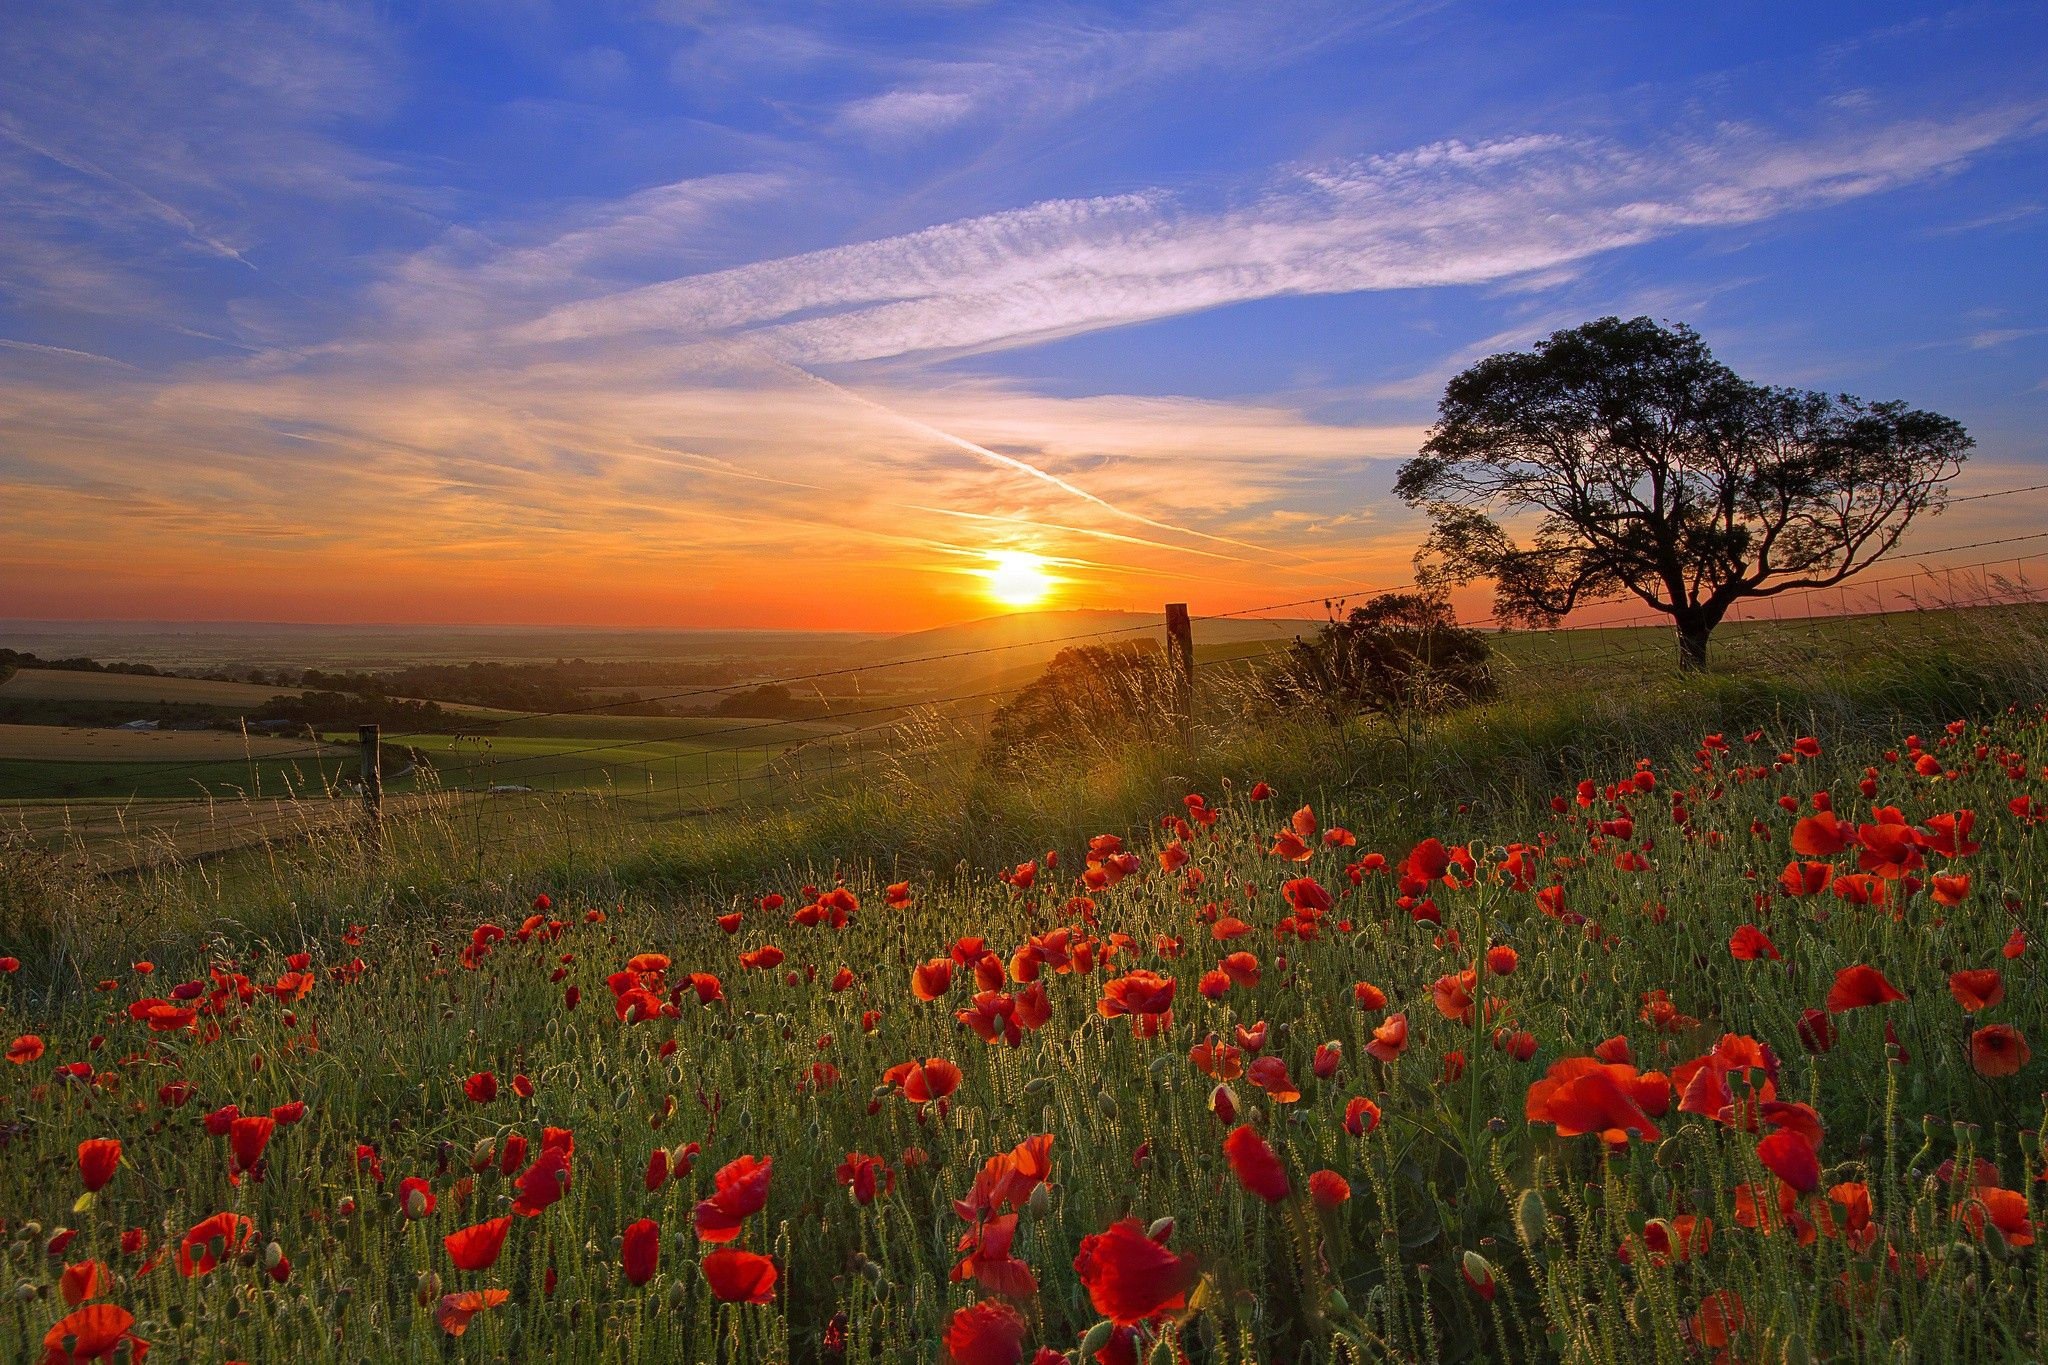 Fond ecran hd nature paysage soleil couchant sur prairie for Image ete fond ecran